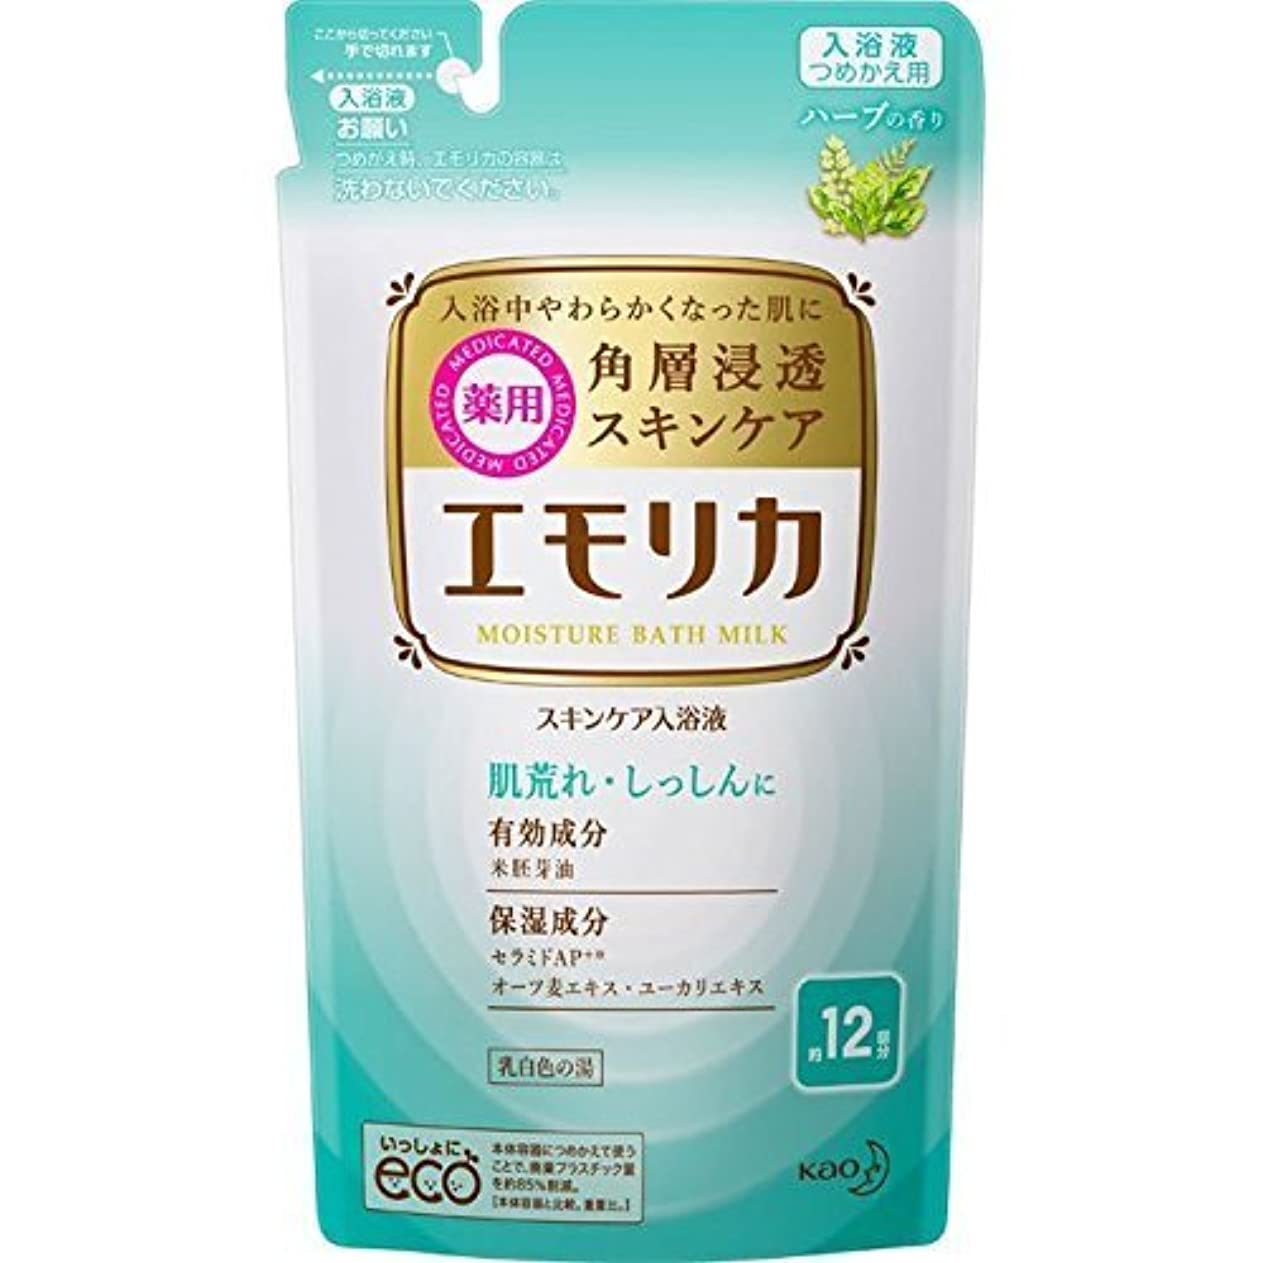 ノート台風創傷【花王】エモリカ ハーブの香り つめかえ用 360ml ×5個セット